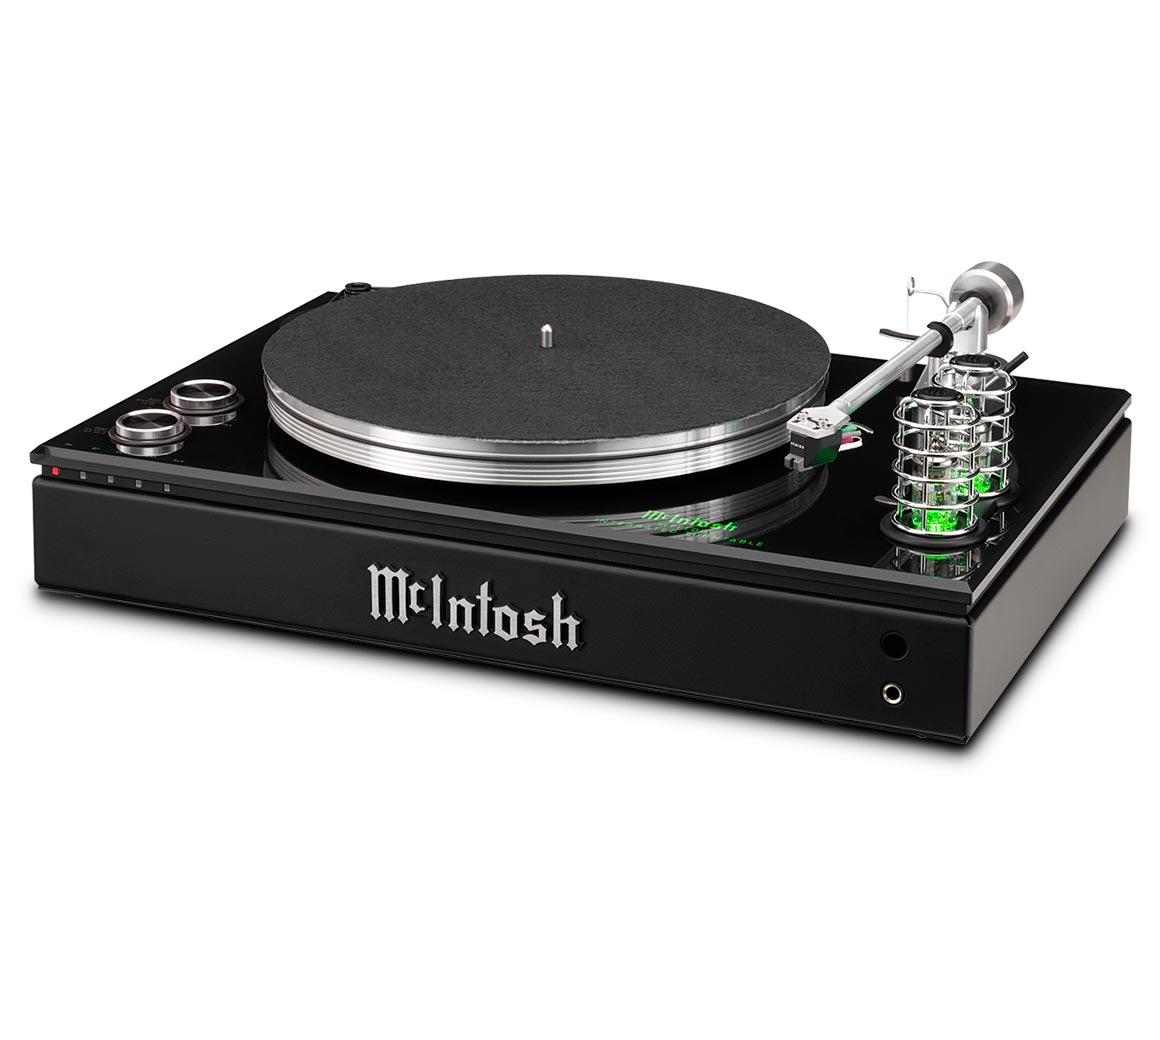 McIntosh MTI100 urządzenie all-in-one